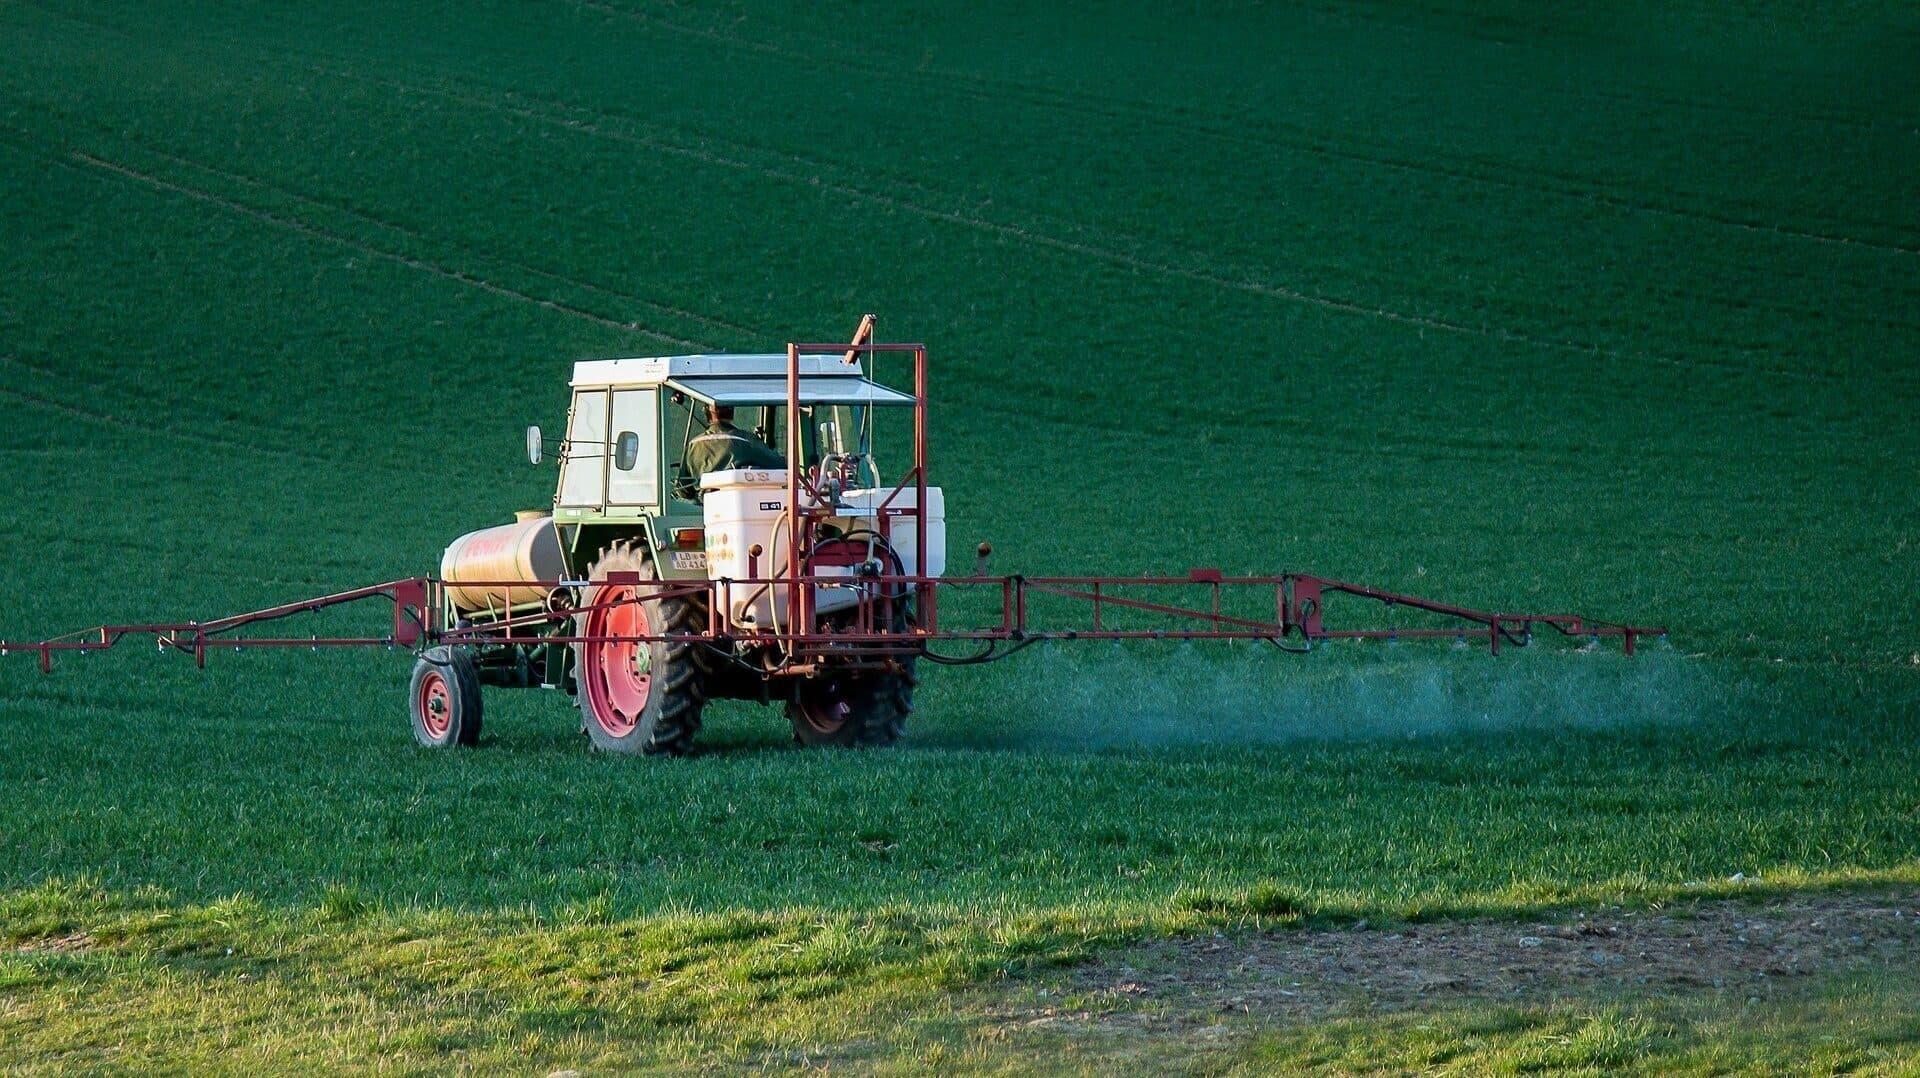 Ein Traktor bringt Pestizide aufs Feld